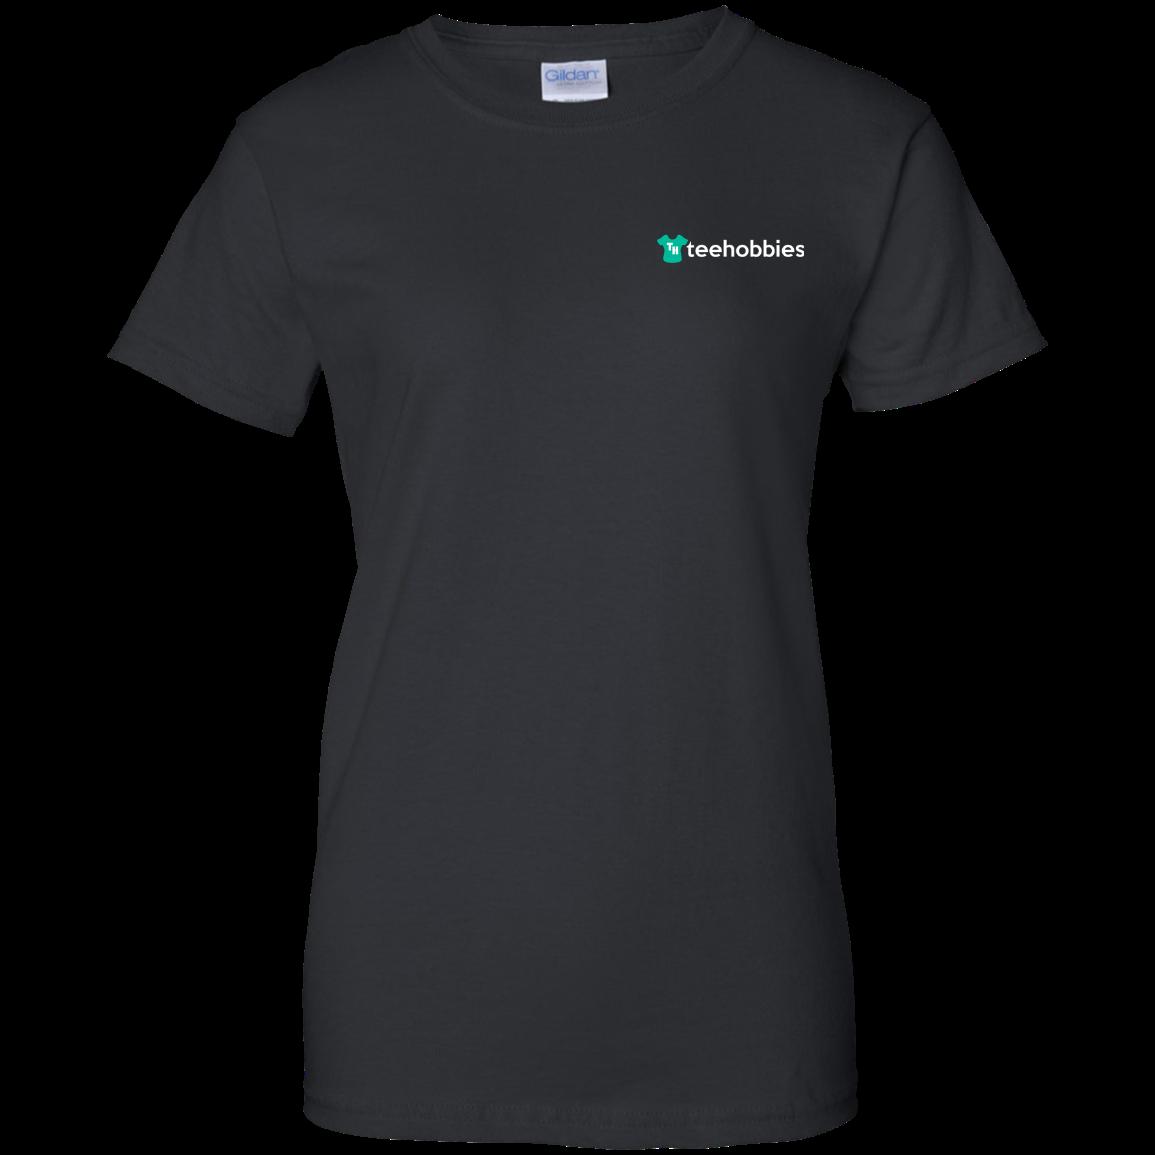 image 624px Teehobbies Logo T Shirt Men & Women Styles